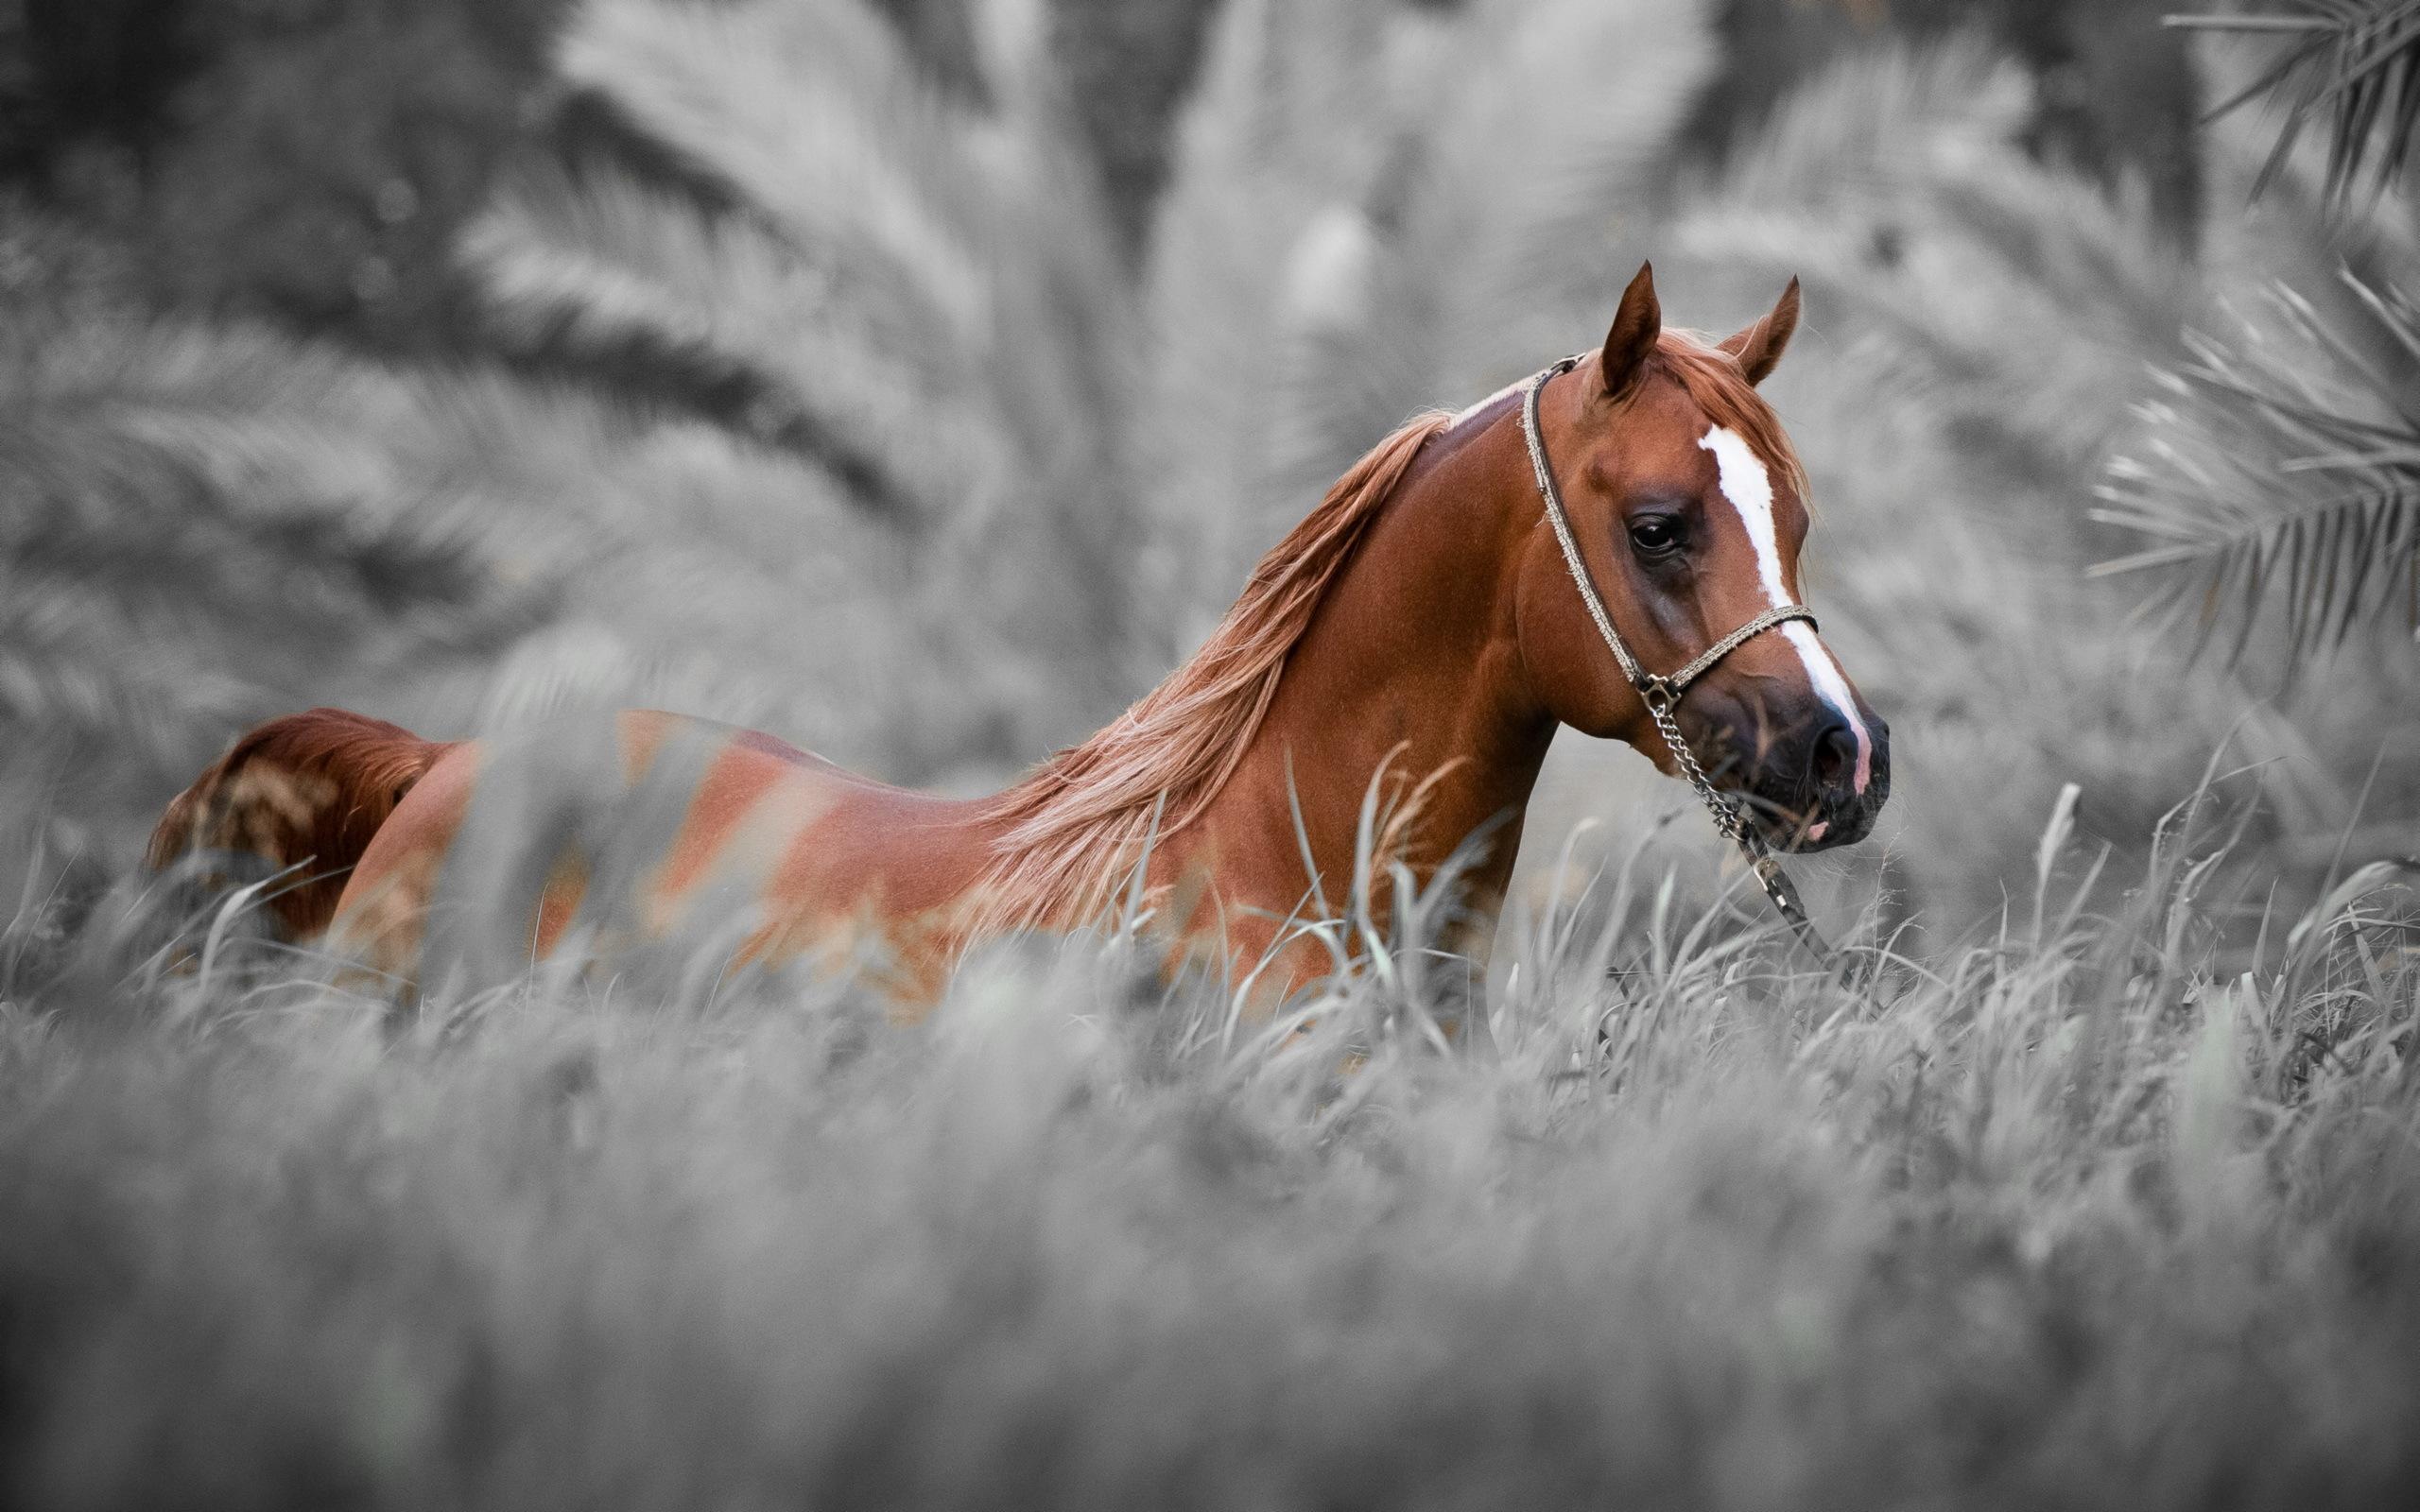 рисунок графика лошадь природа животные figure graphics horse nature animals  № 3925648 бесплатно